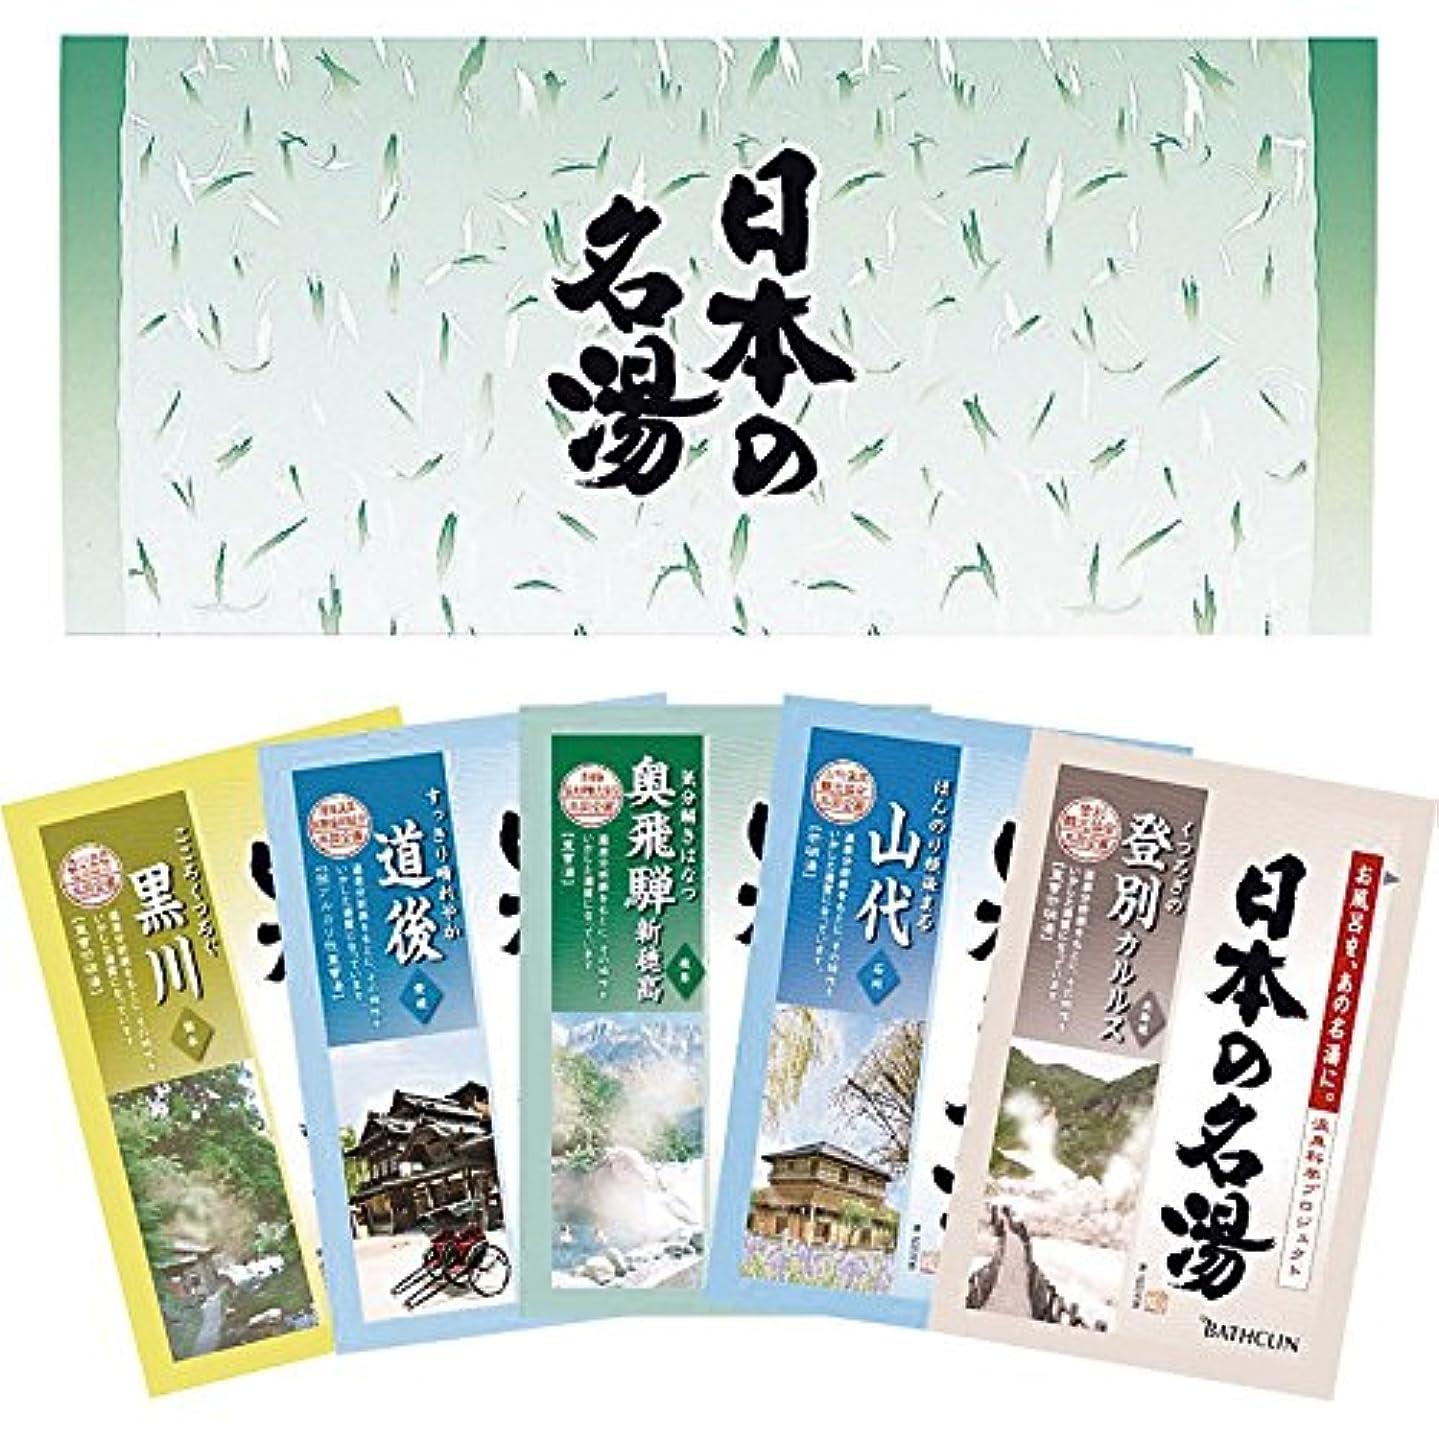 スポークスマン暖炉記事バスクリン 日本の名湯 5包セット OT-3D 【洗面所 入浴剤 温泉 薬用 5袋 リラックス おふろ バスグッズ】